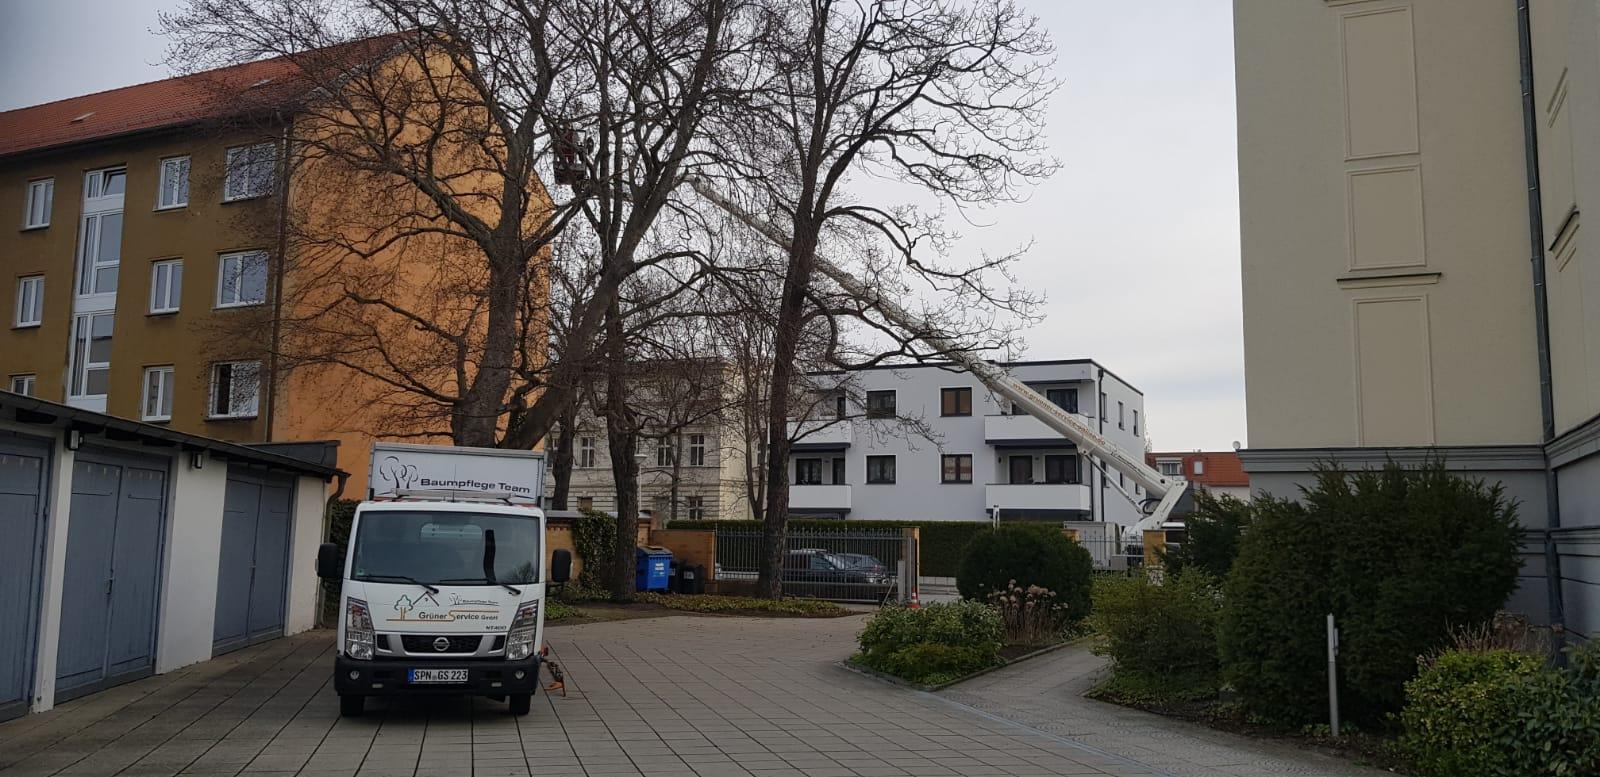 Baumpflege in Cottbus